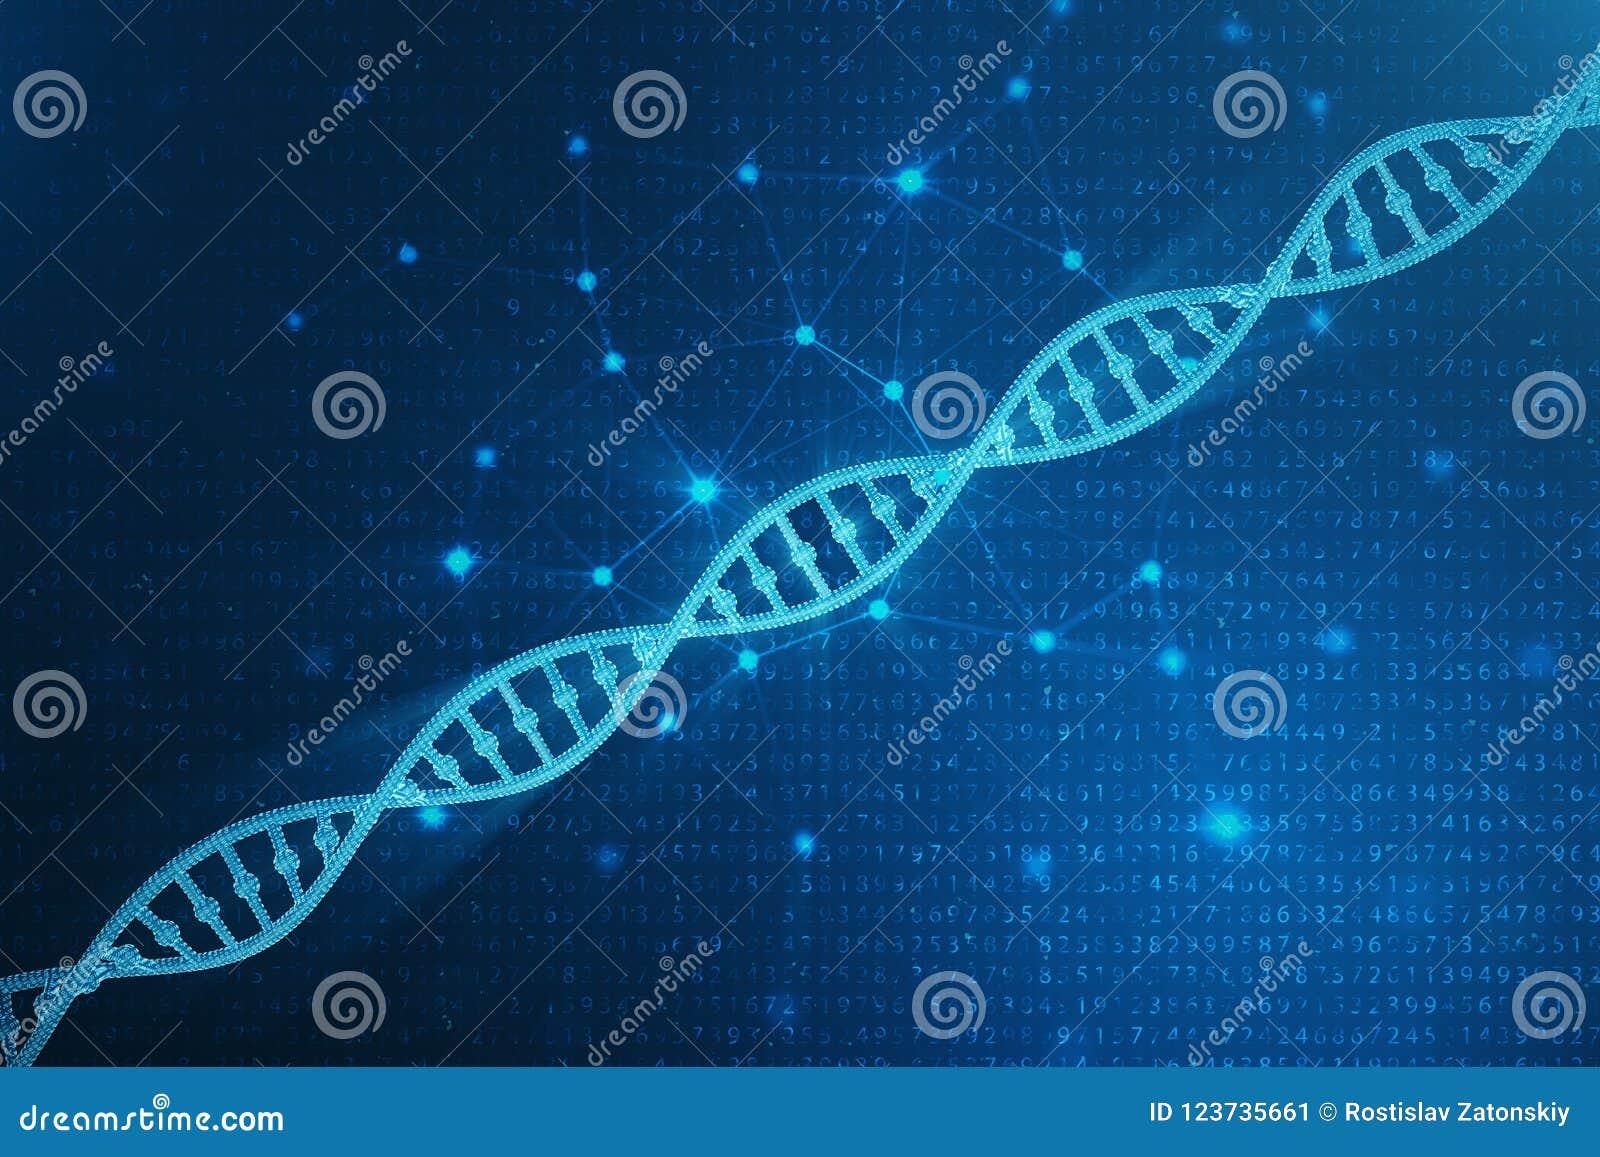 Digital DNAmolekyl, struktur Genom för binär kod för begrepp mänsklig DNAmolekyl med ändrade gener illustration 3d